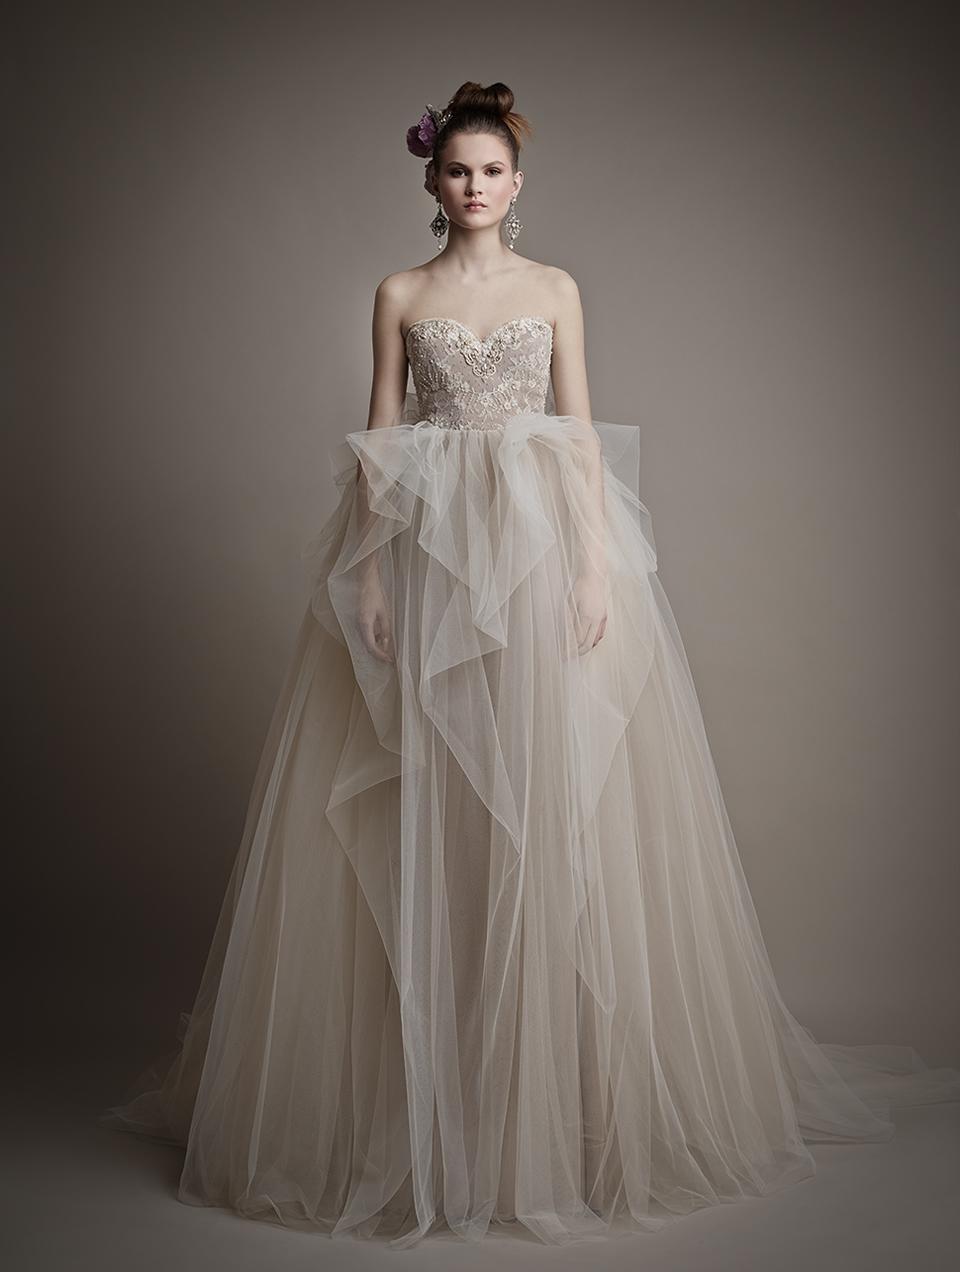 Коллекция свадебных платьев 2015 года от Ersa Atelier